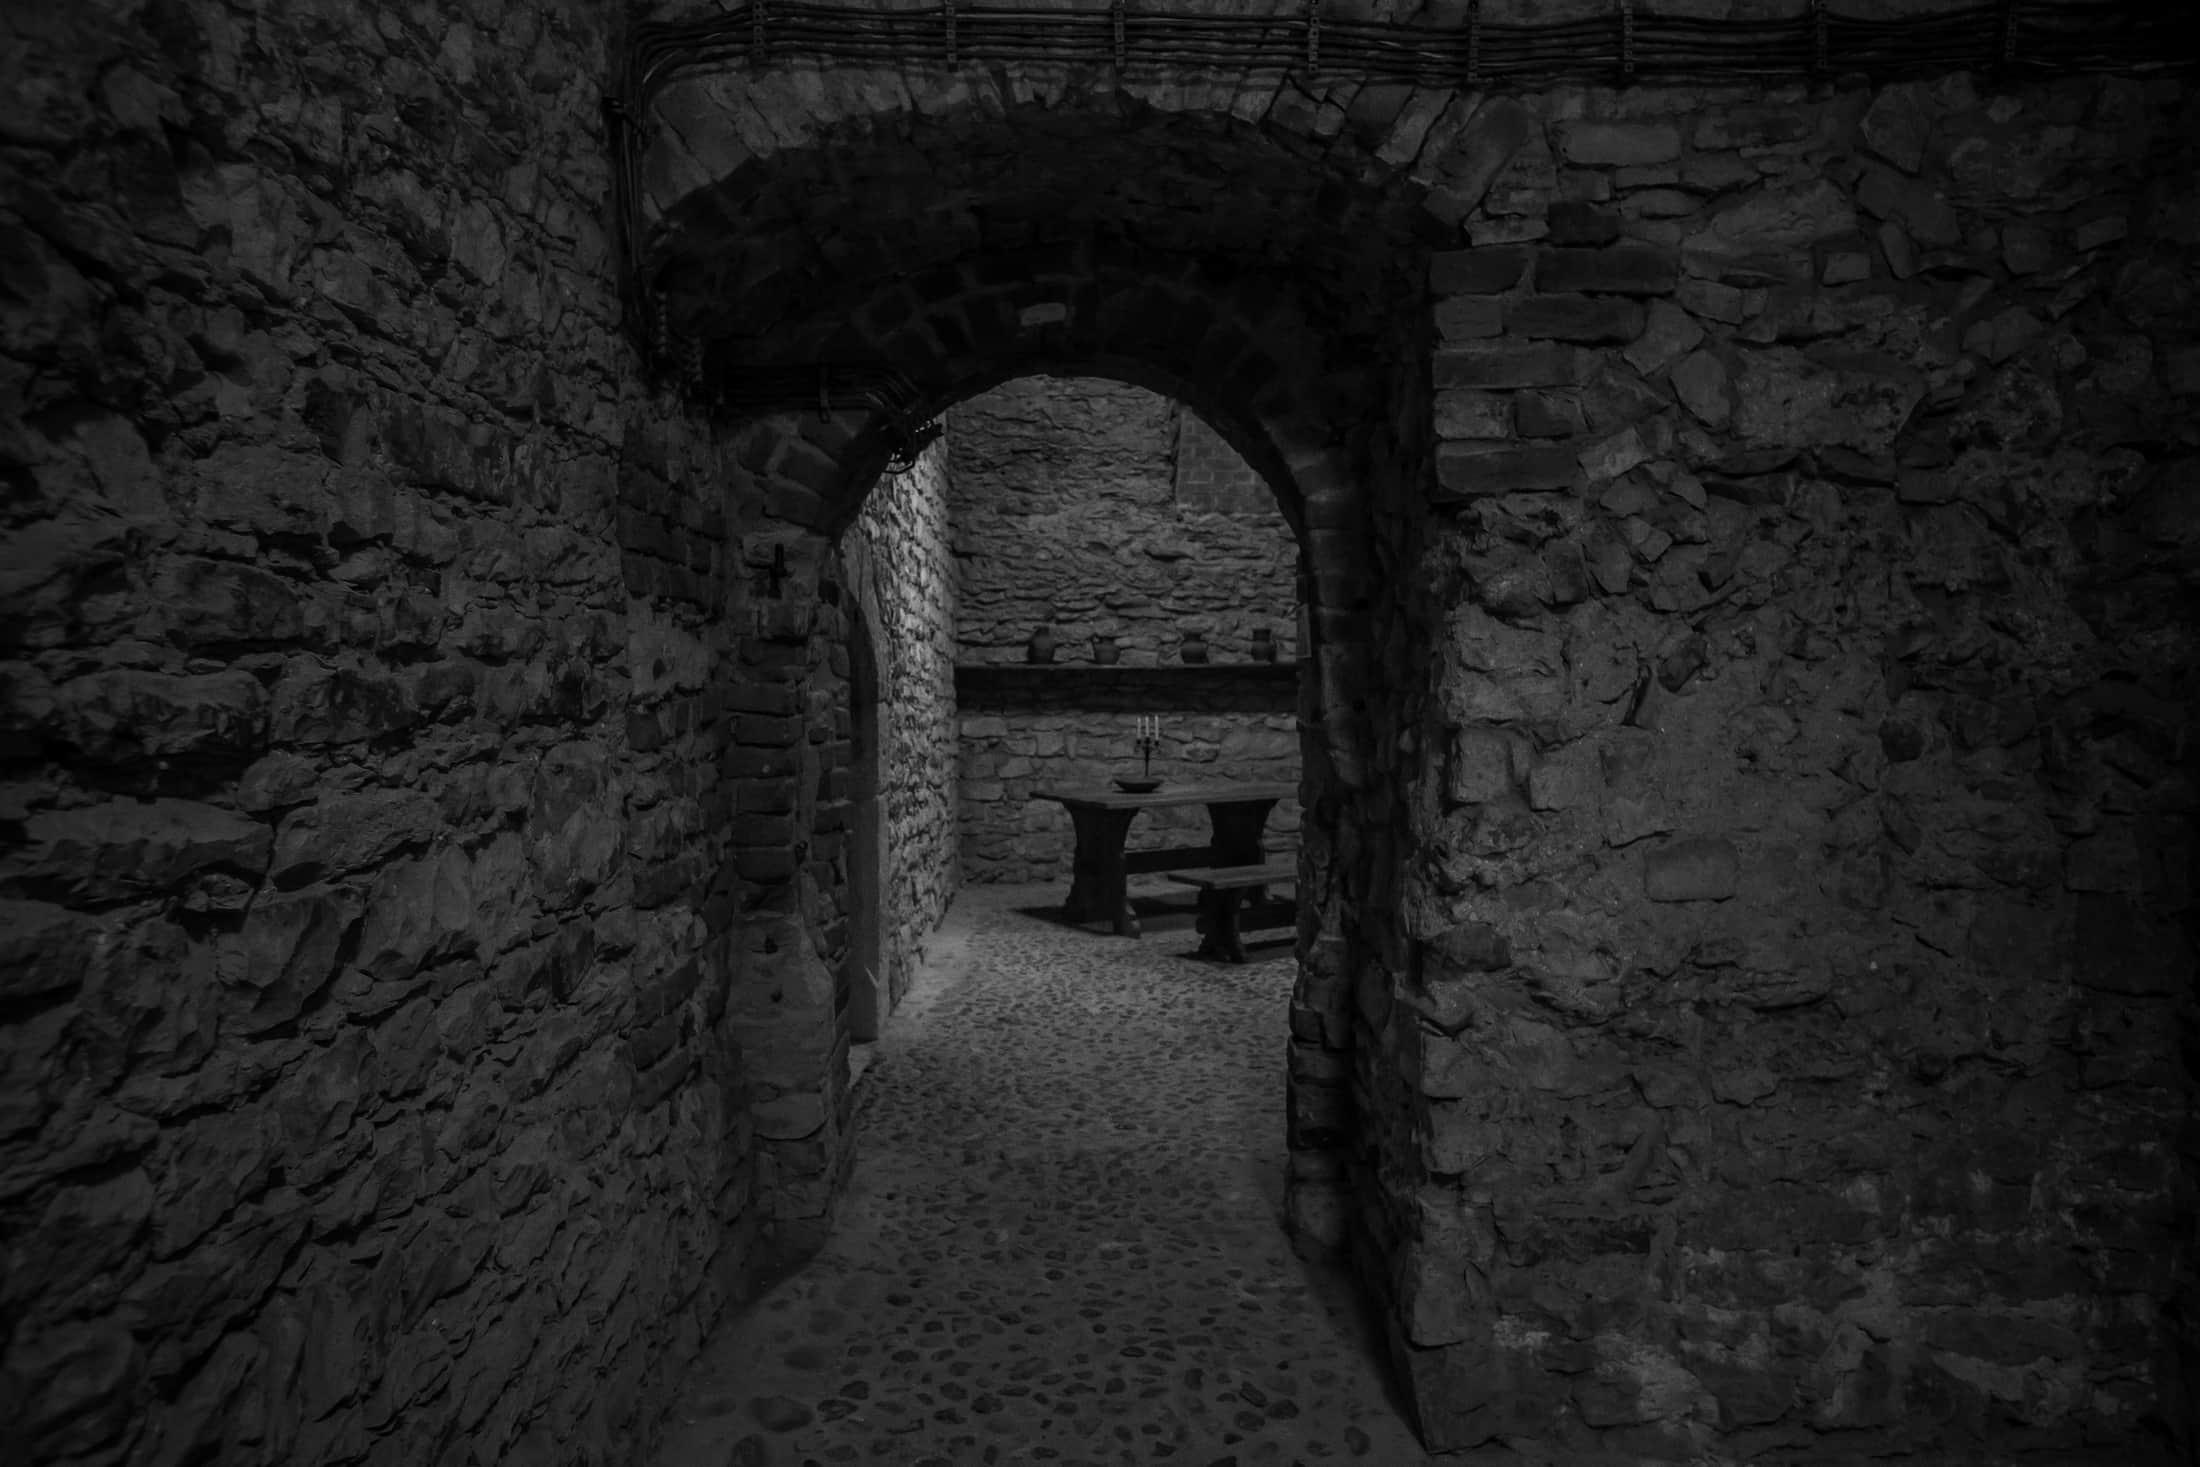 023_underground_walk-1